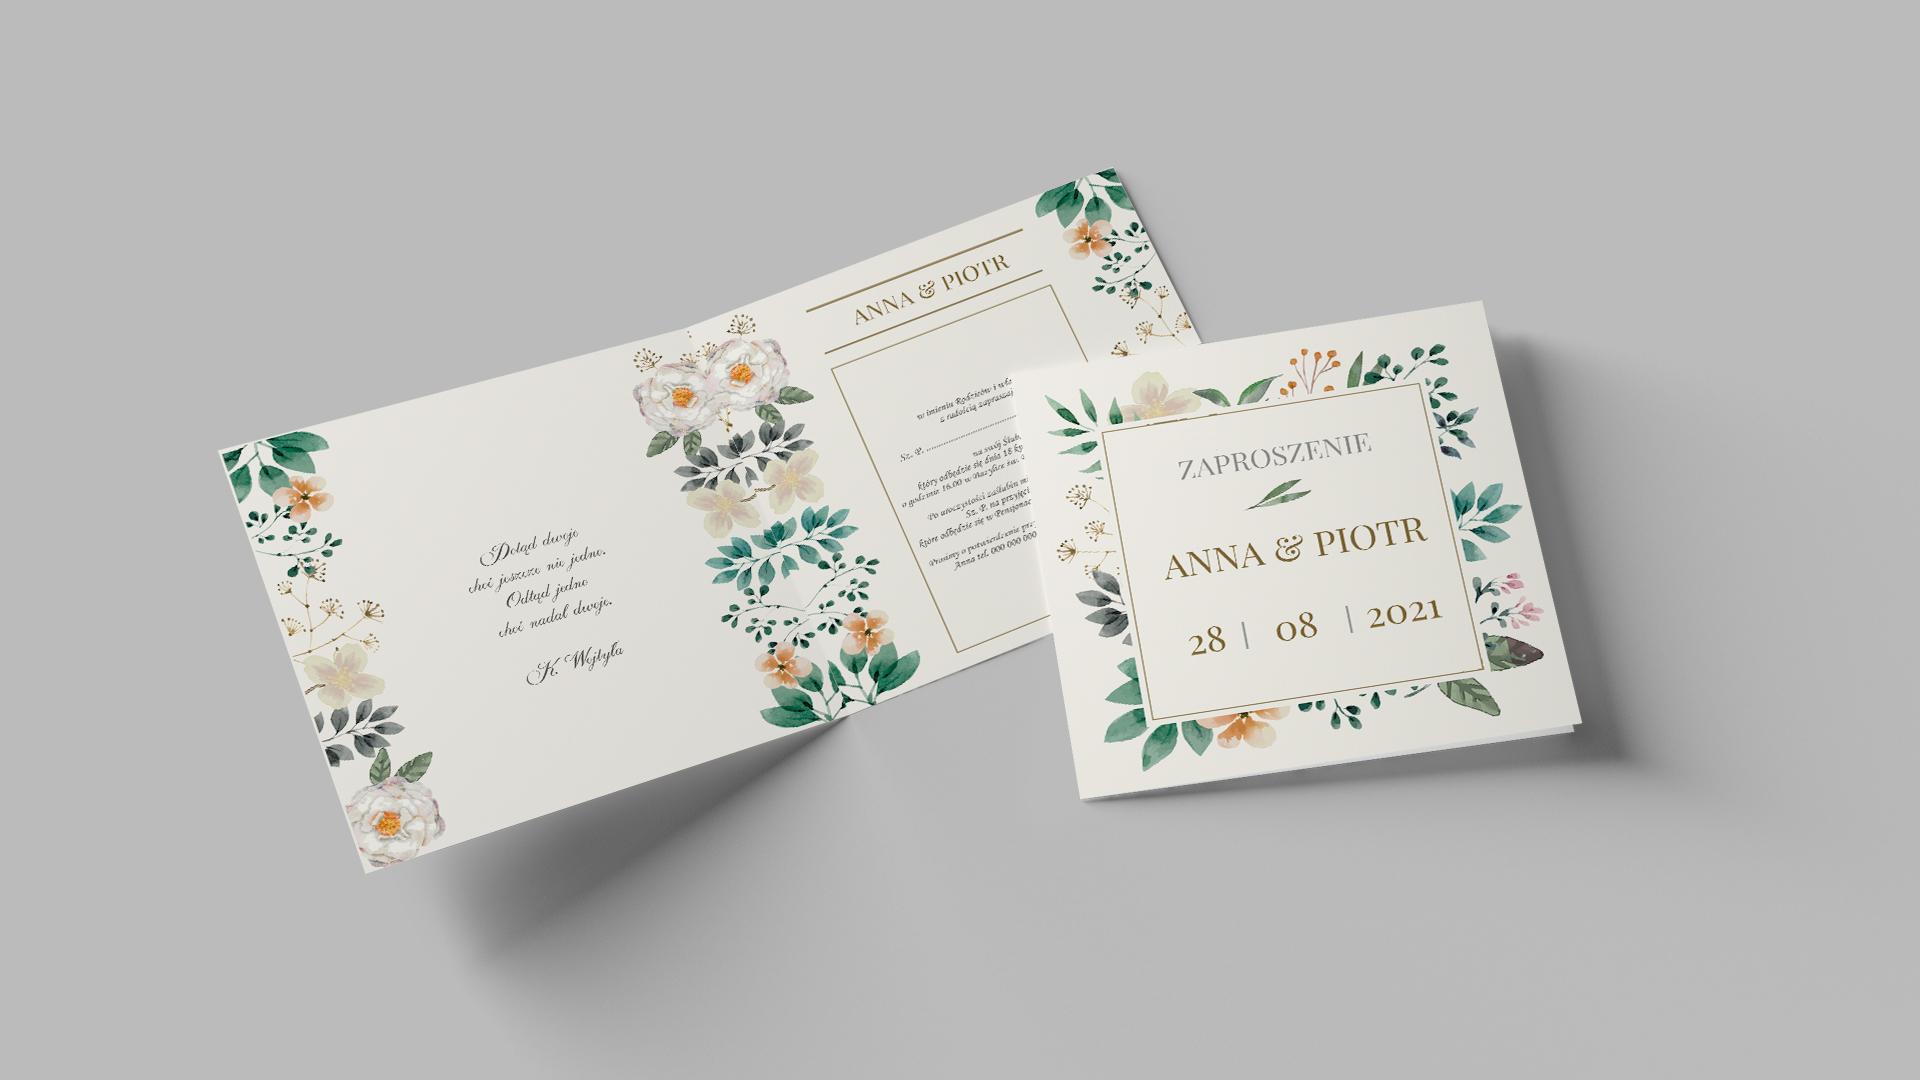 projektowanie zaproszeń ślubnych